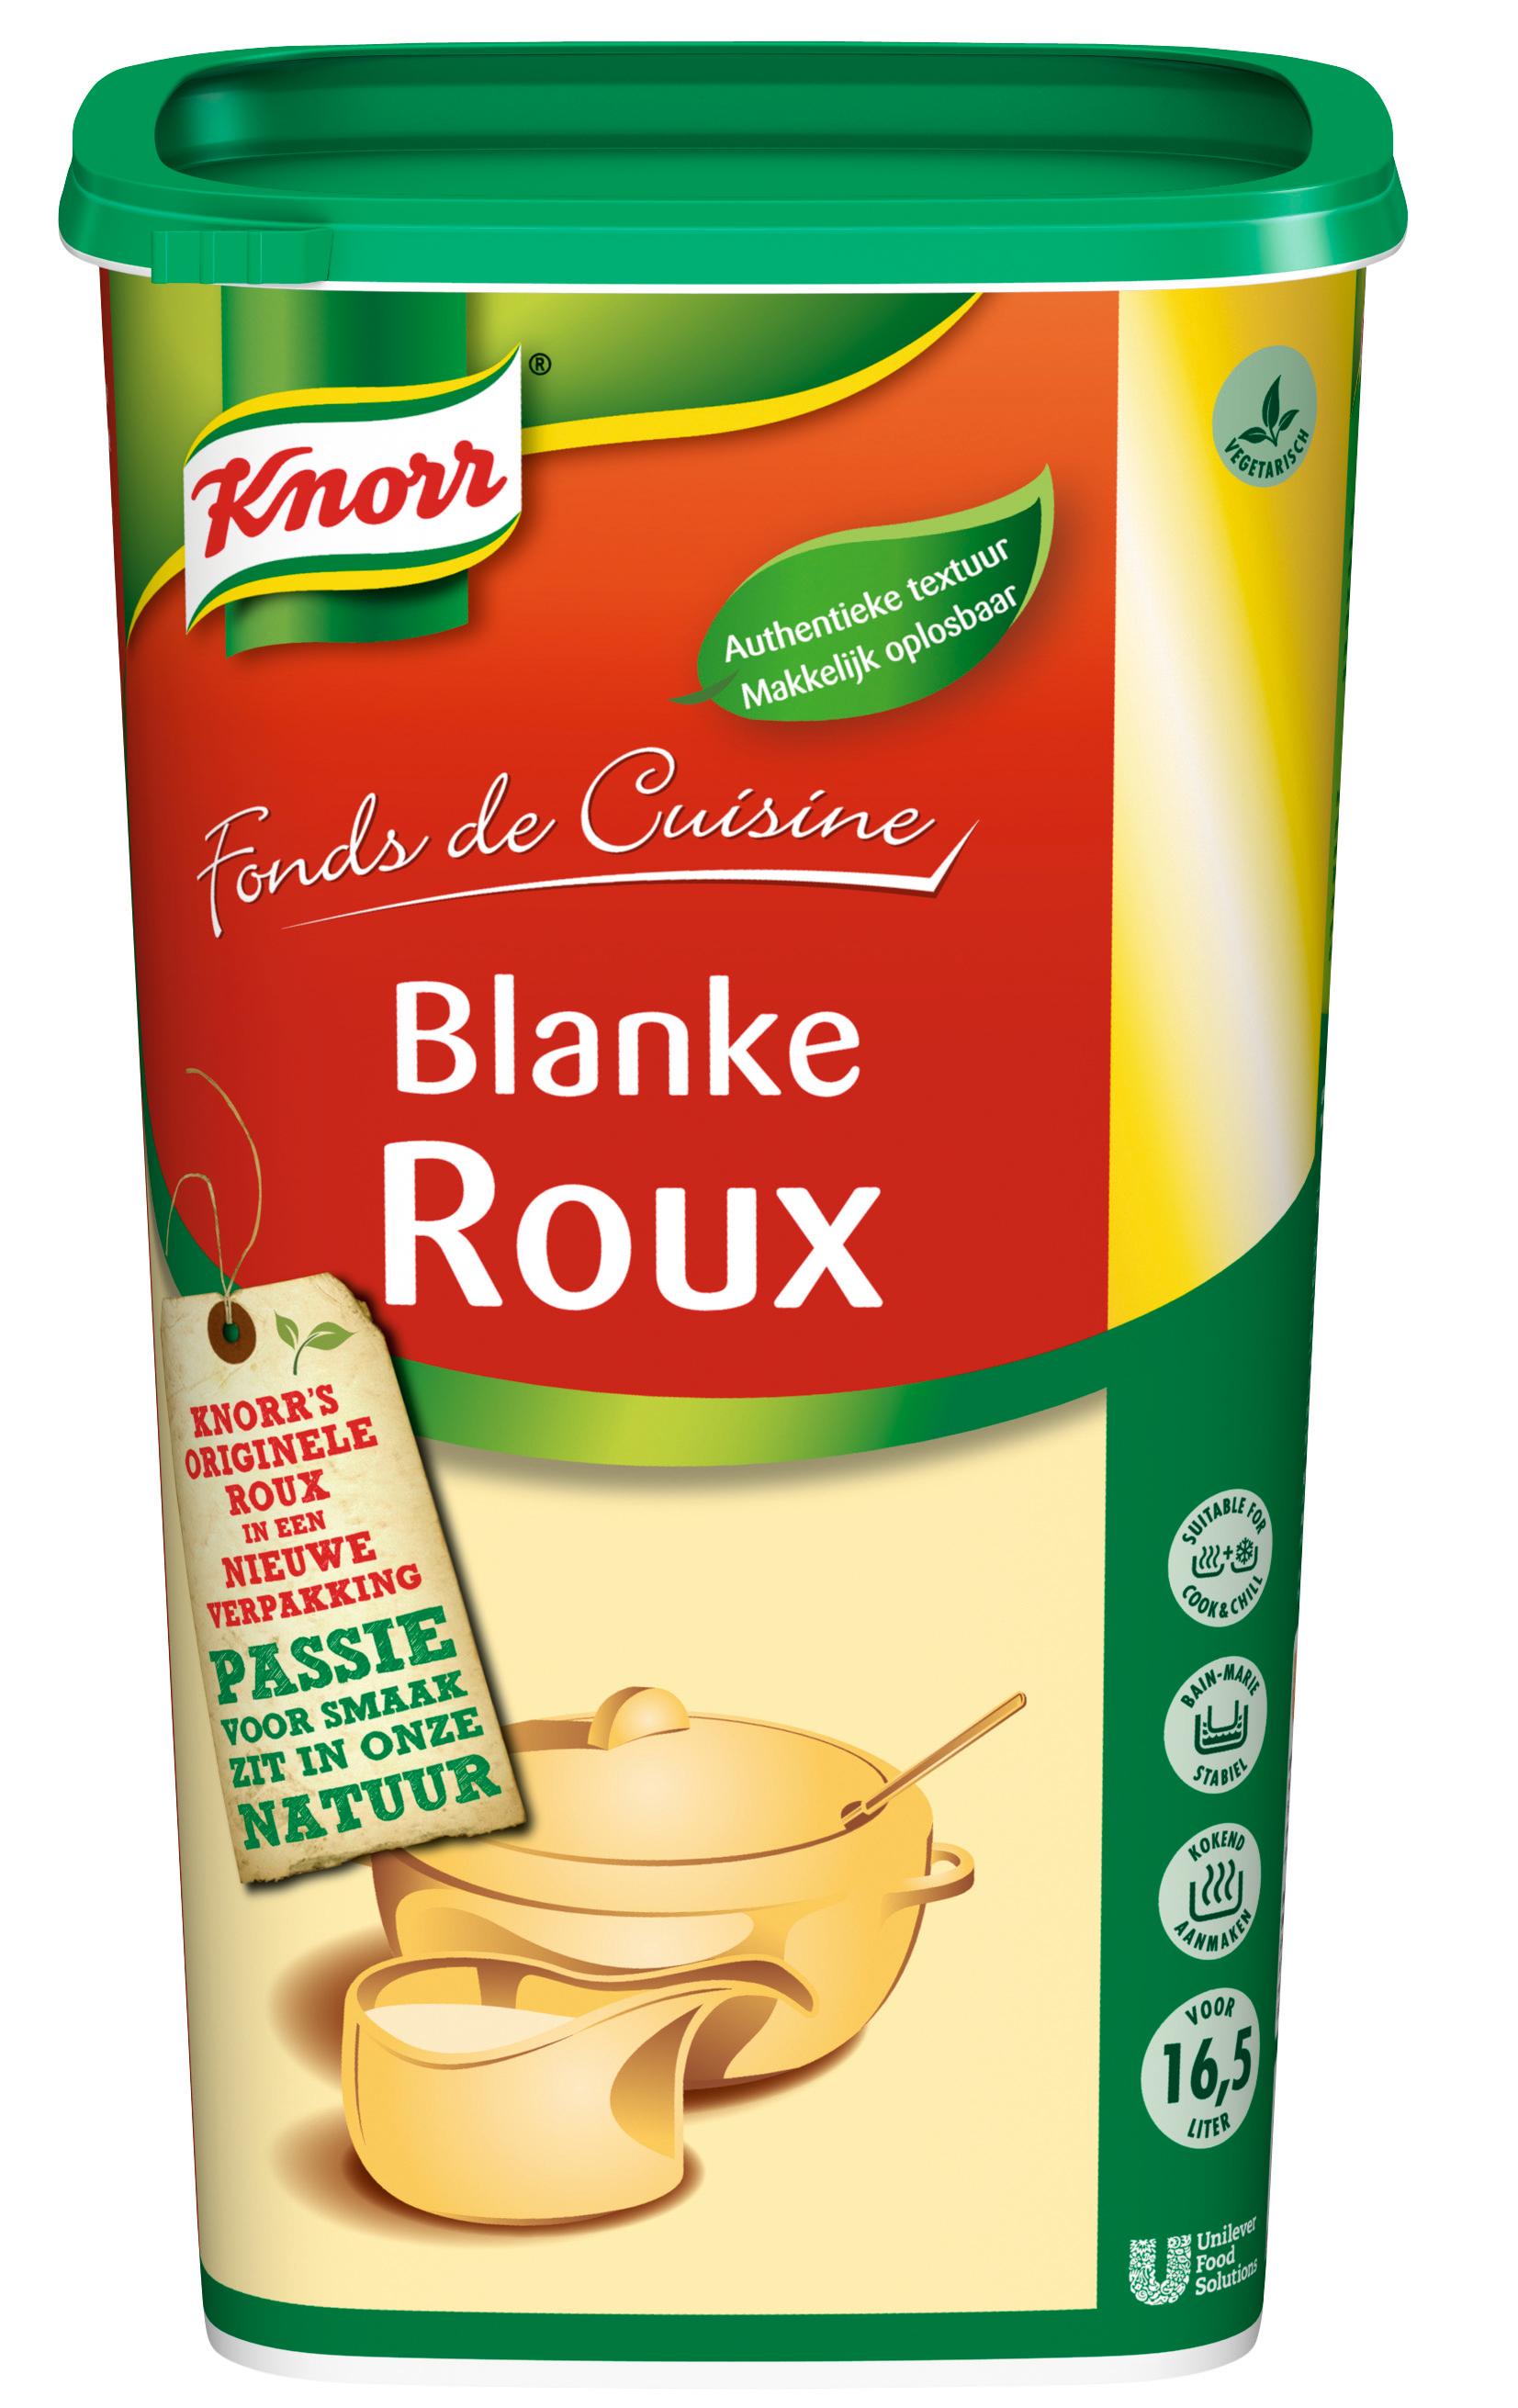 Knorr Blanke Roux 1kg - Knorr Roux bindt je sauzen, perfect in een oogwenk, elke keer opnieuw.